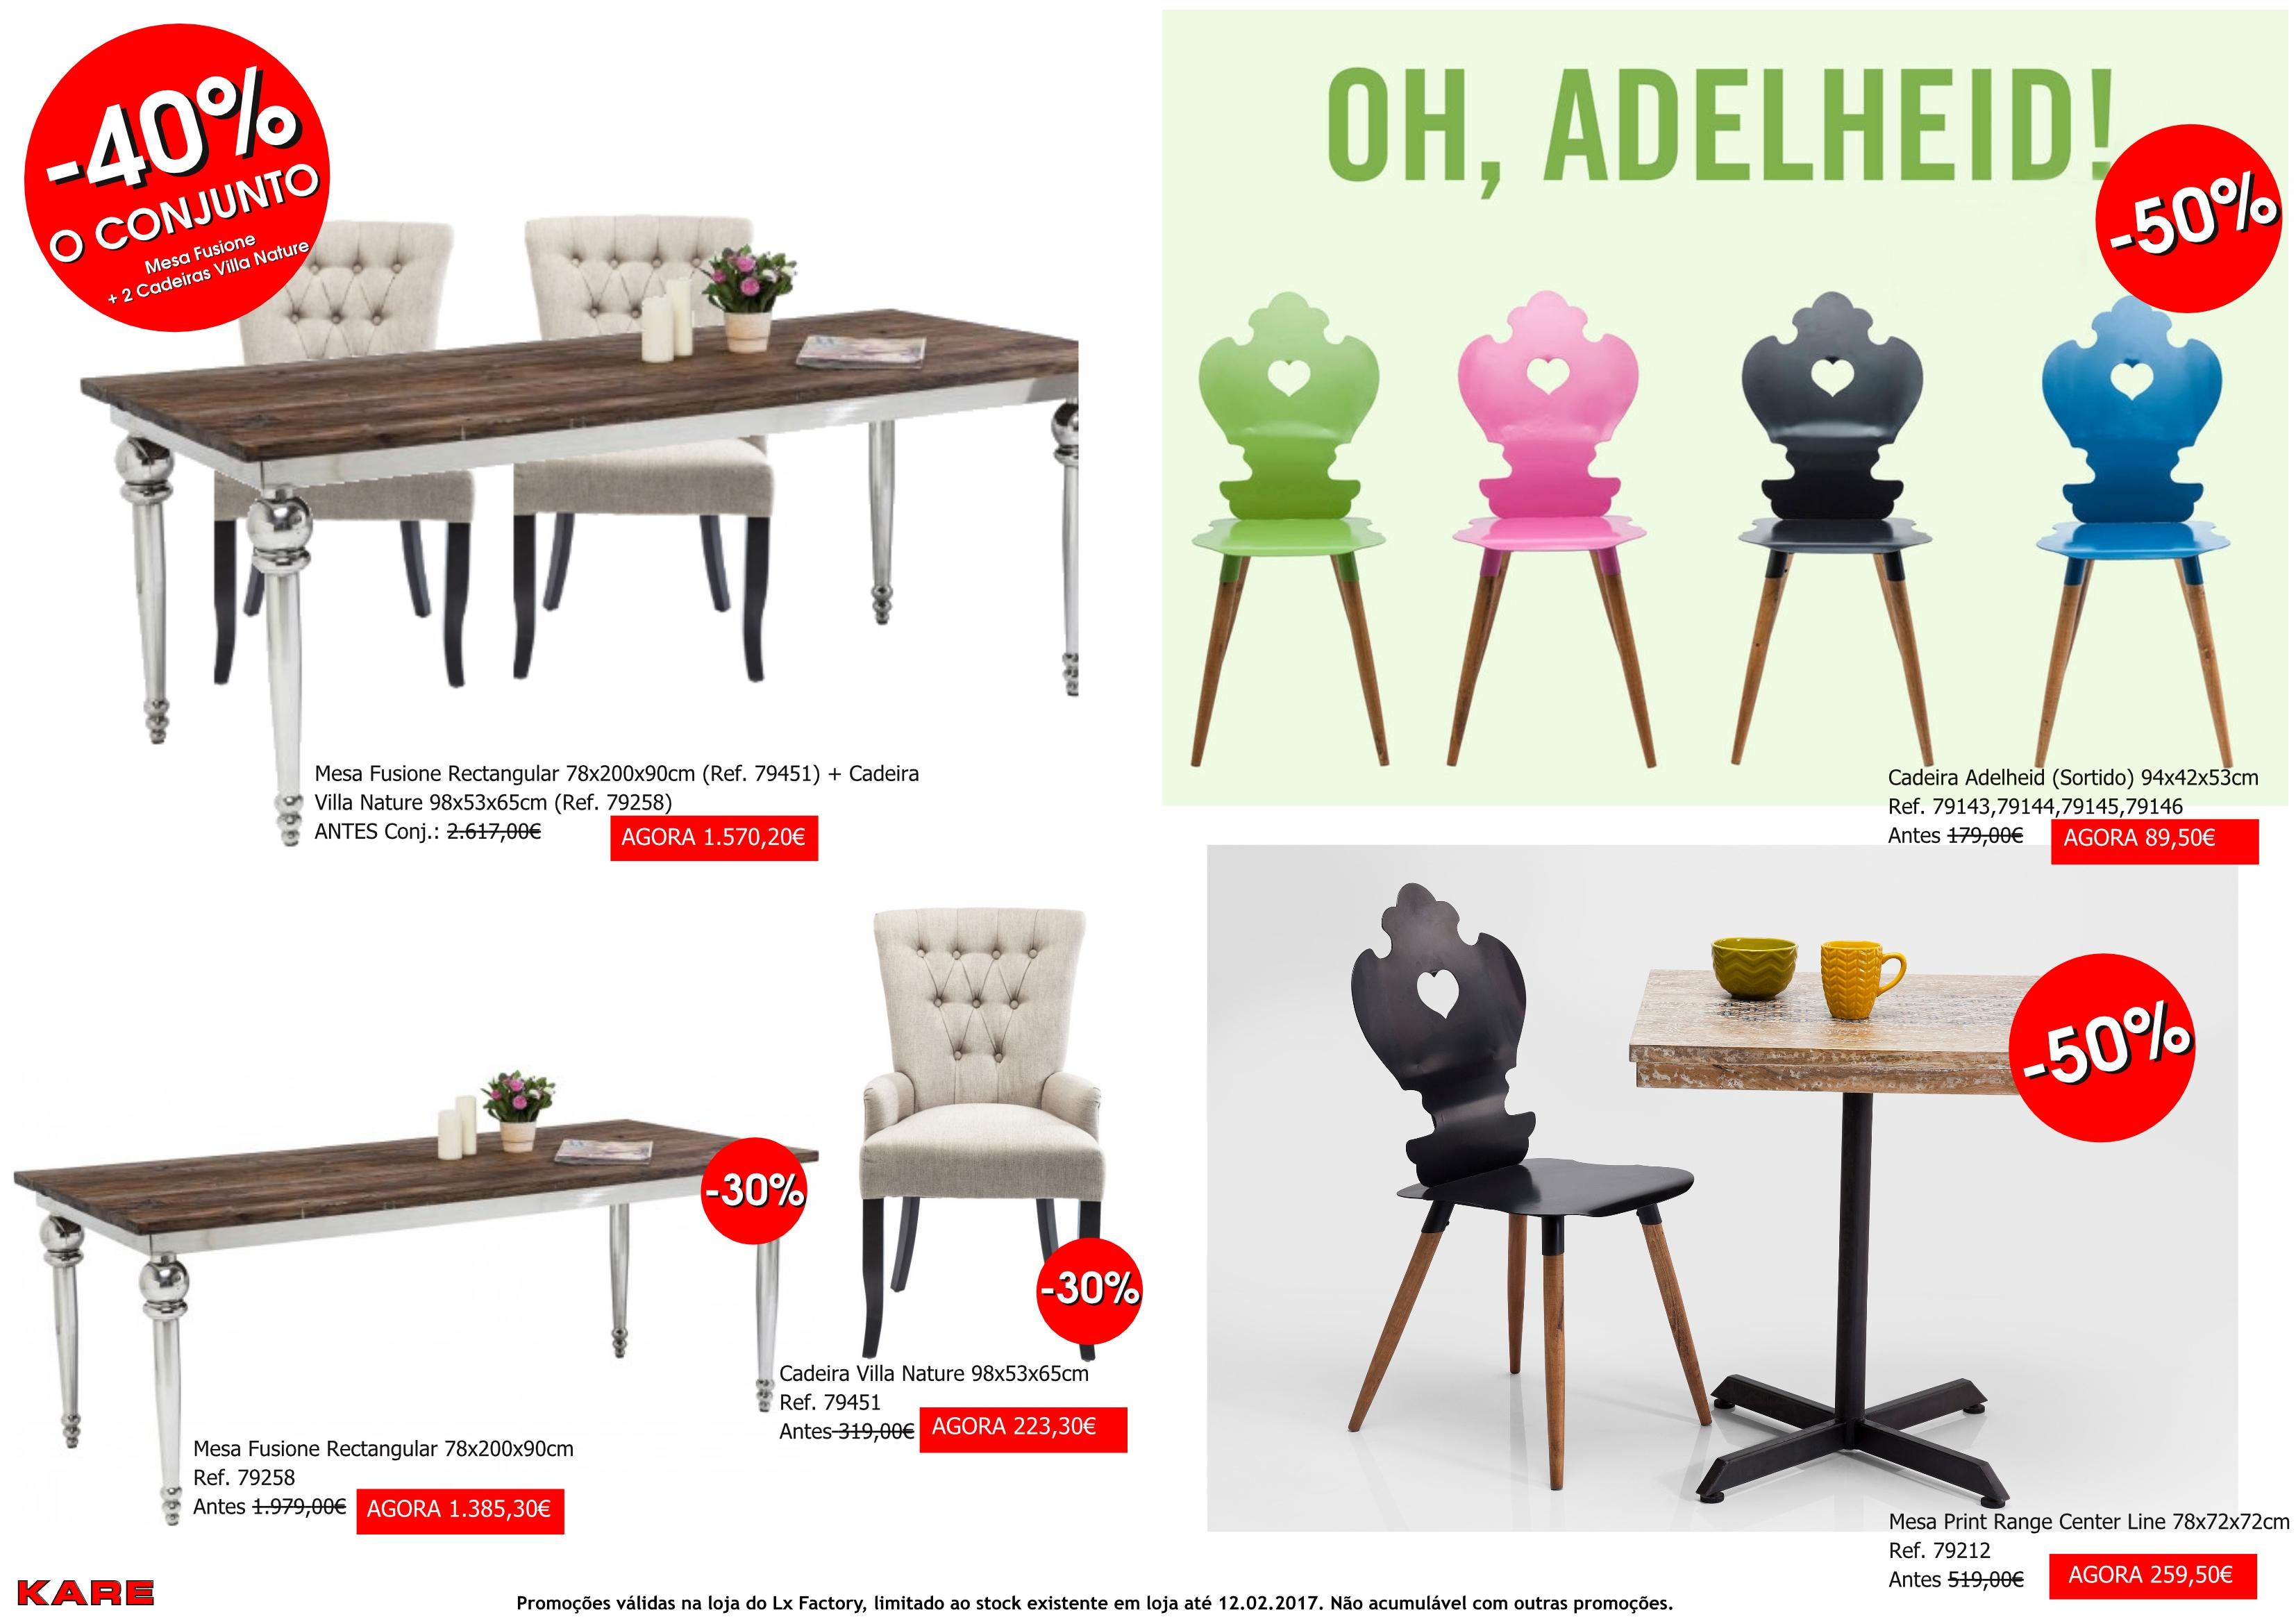 cadeiras e mesa desire adelheid-page009